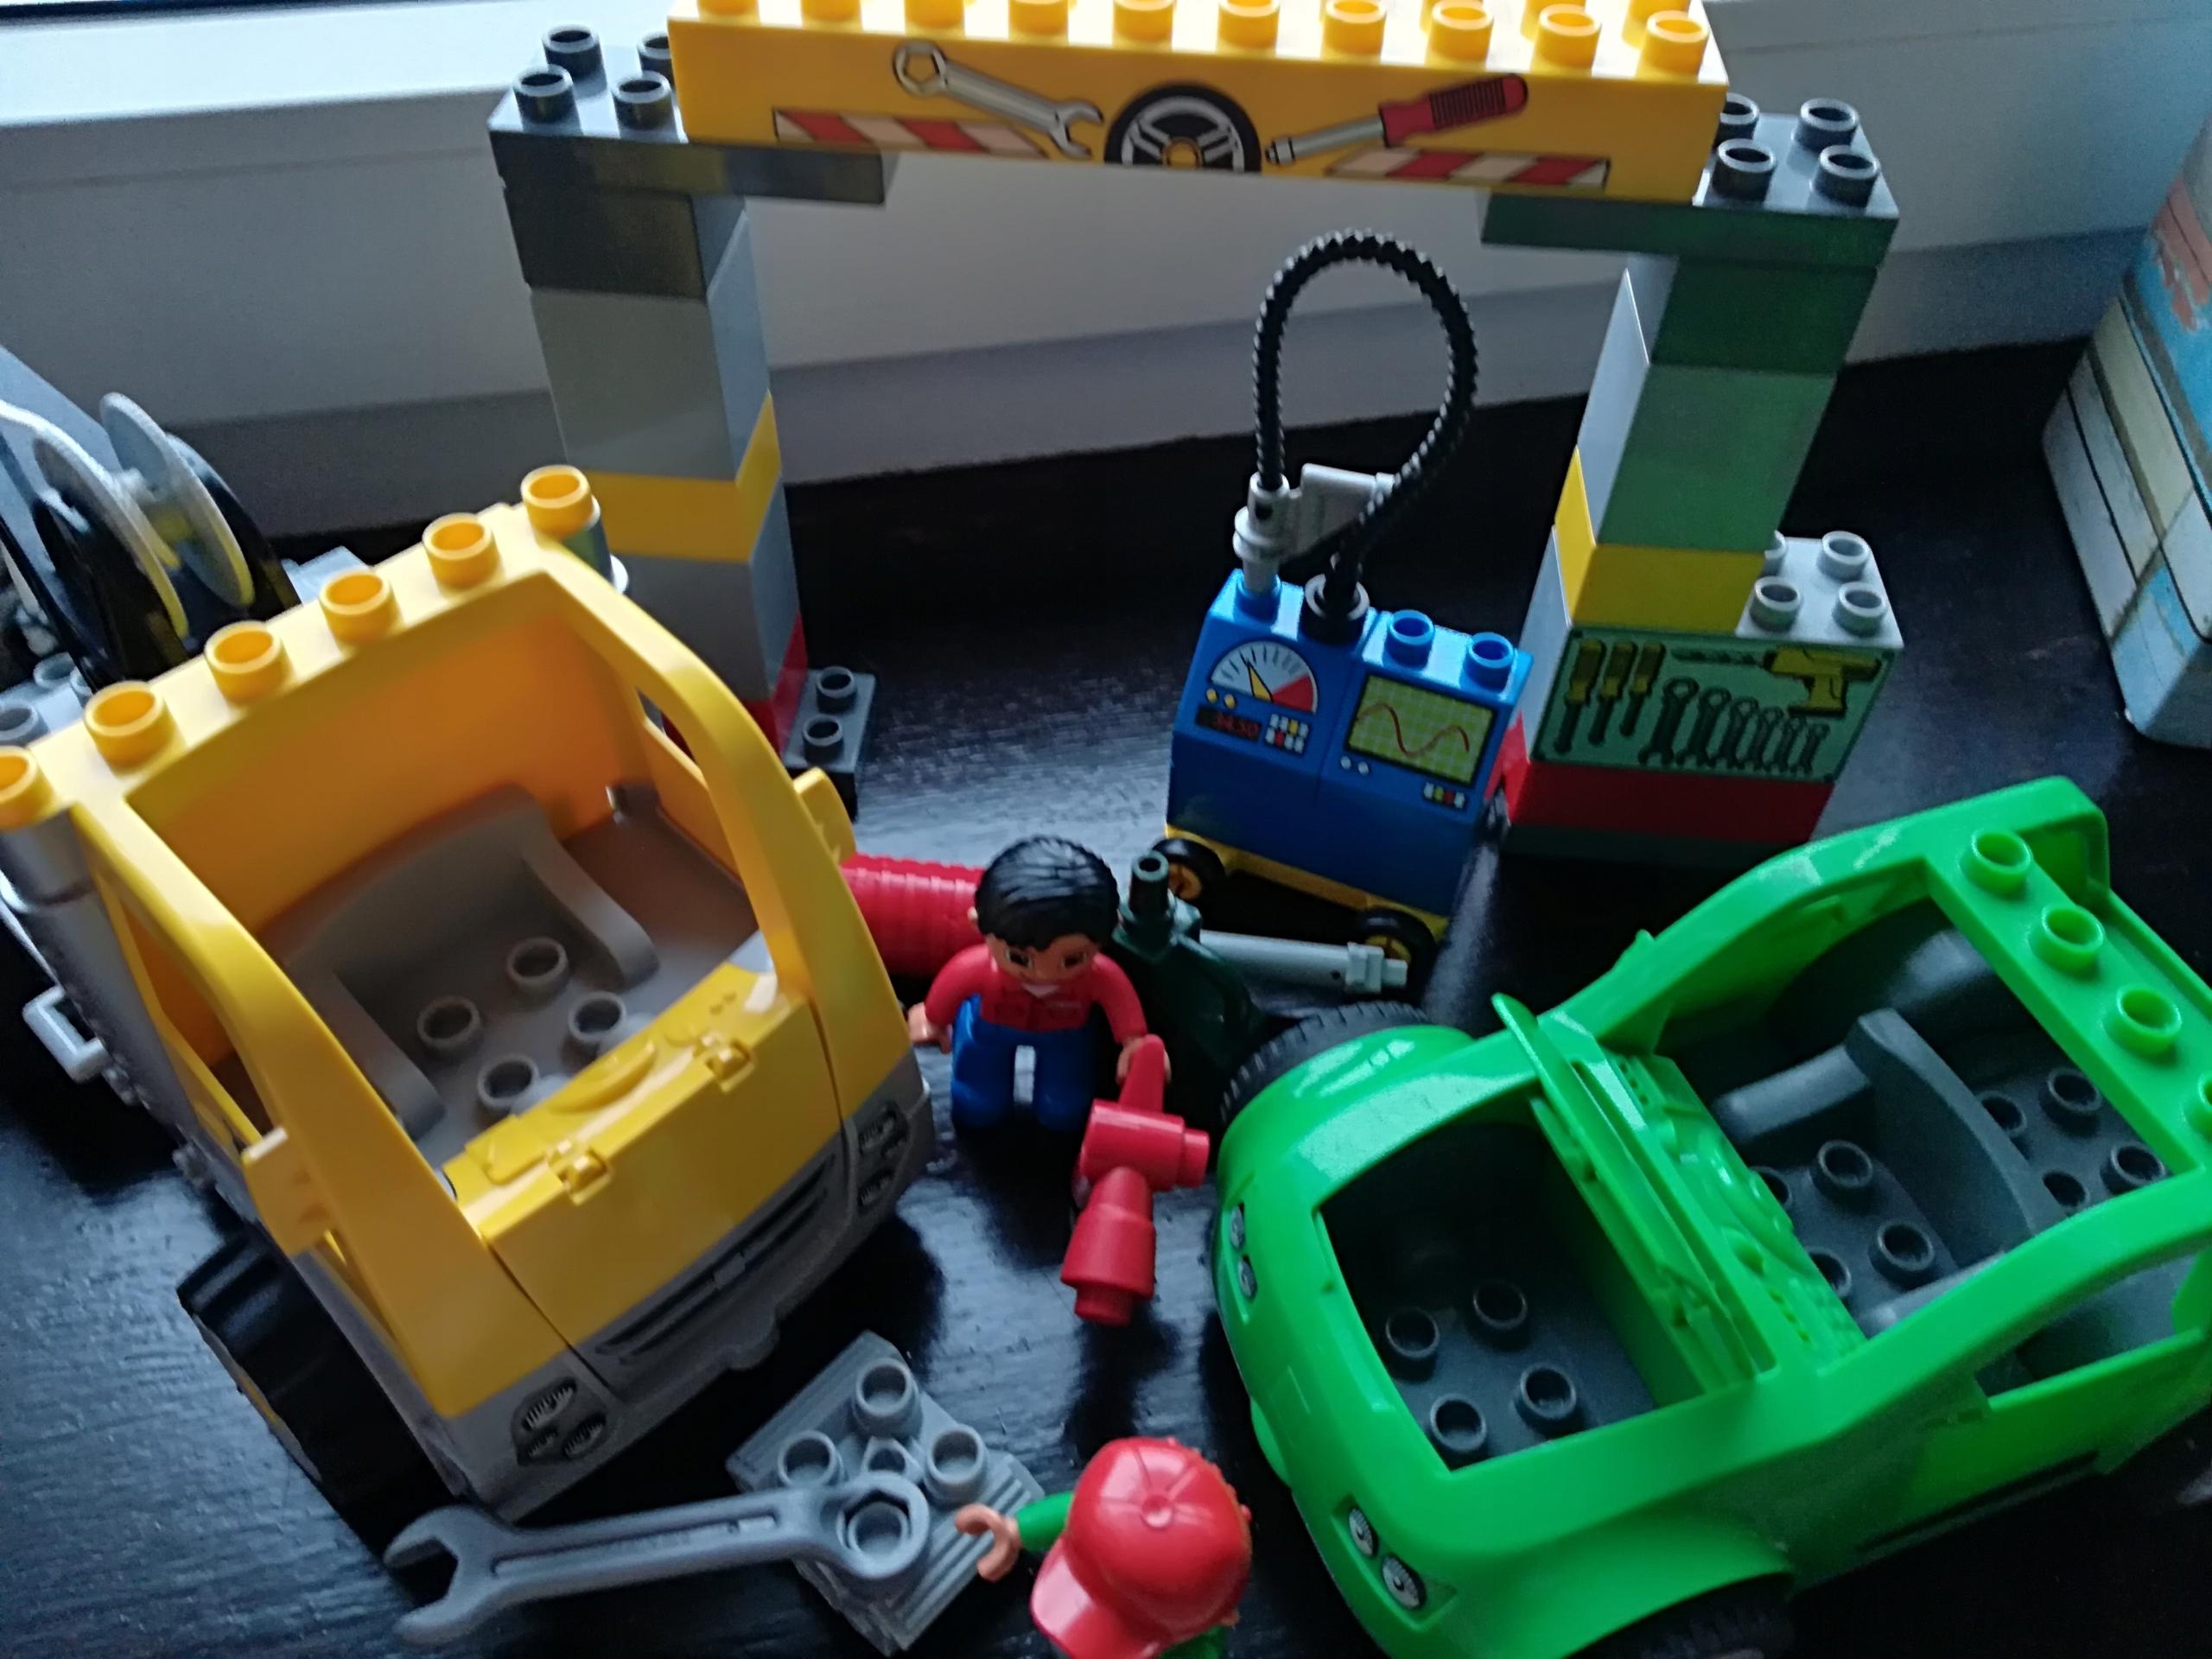 Klocki Lego Duplo Warsztat Samochodowy 5641 7641590269 Oficjalne